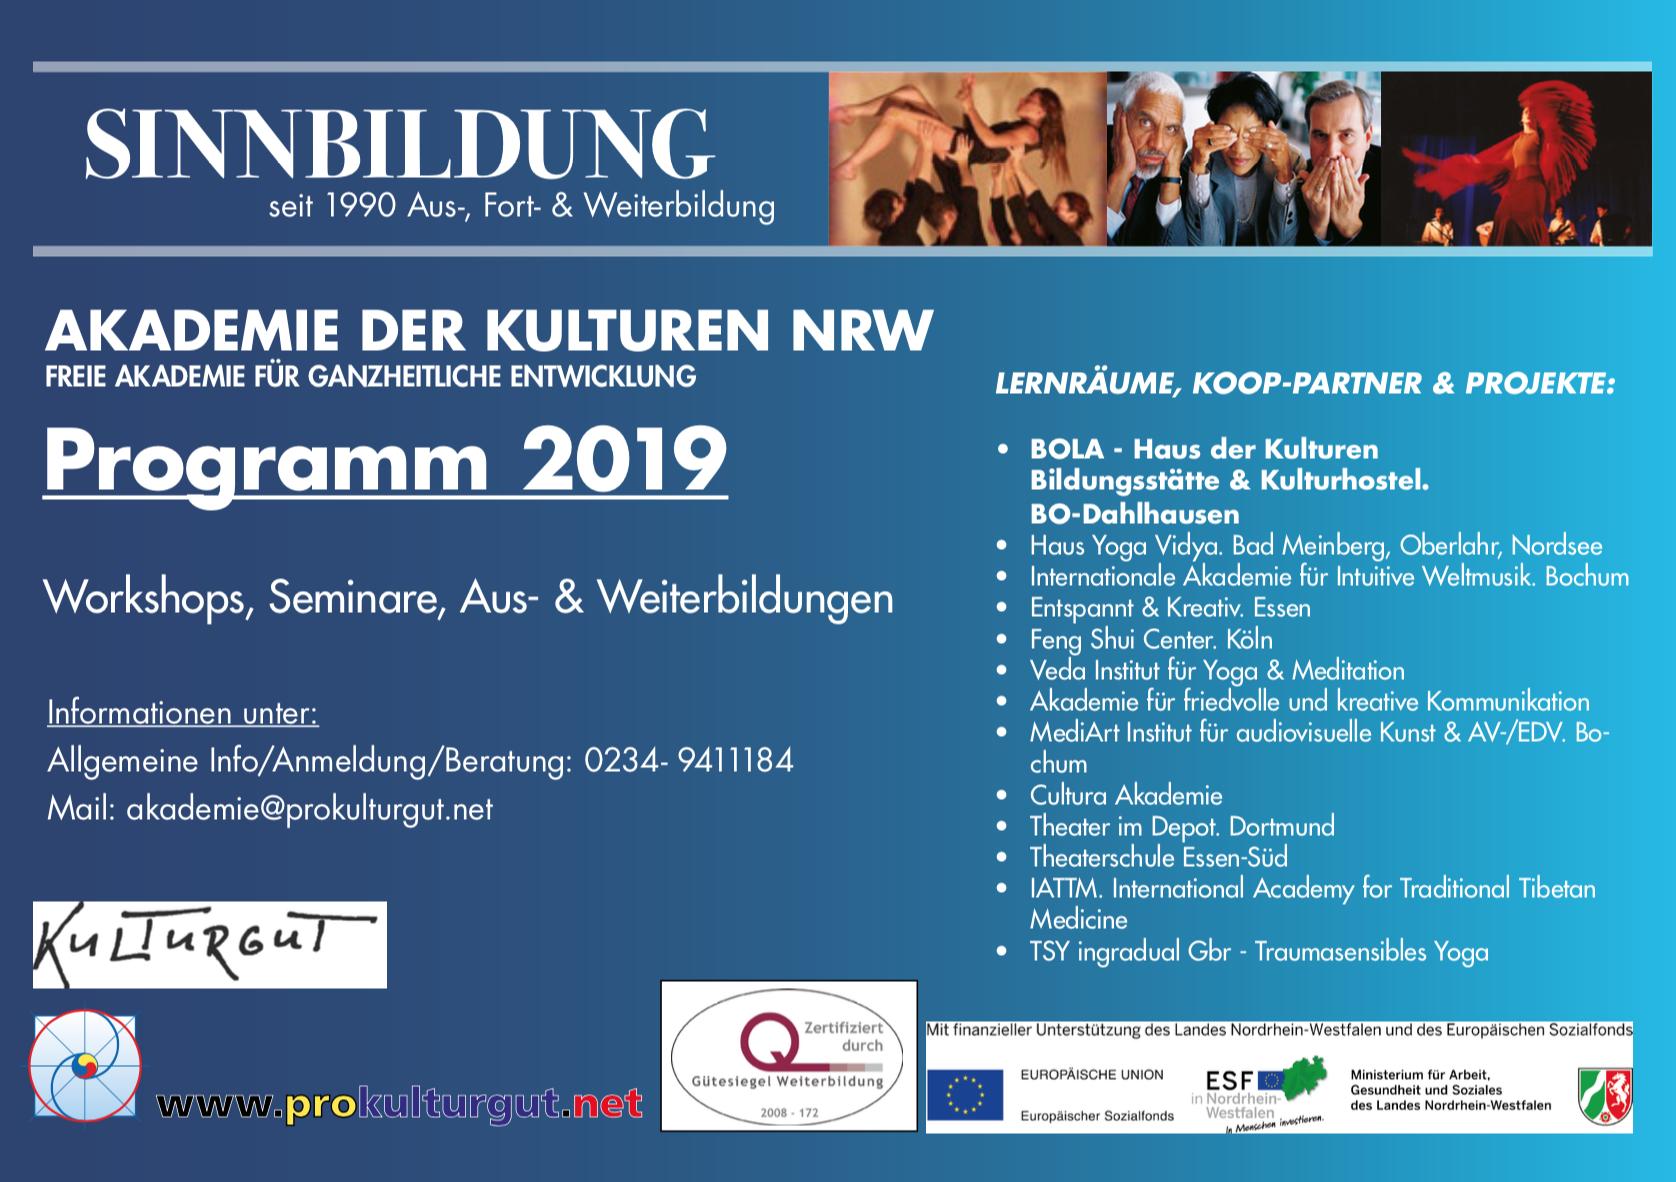 Gesamtprogramm 2019 Akademie der Kulturen NRW